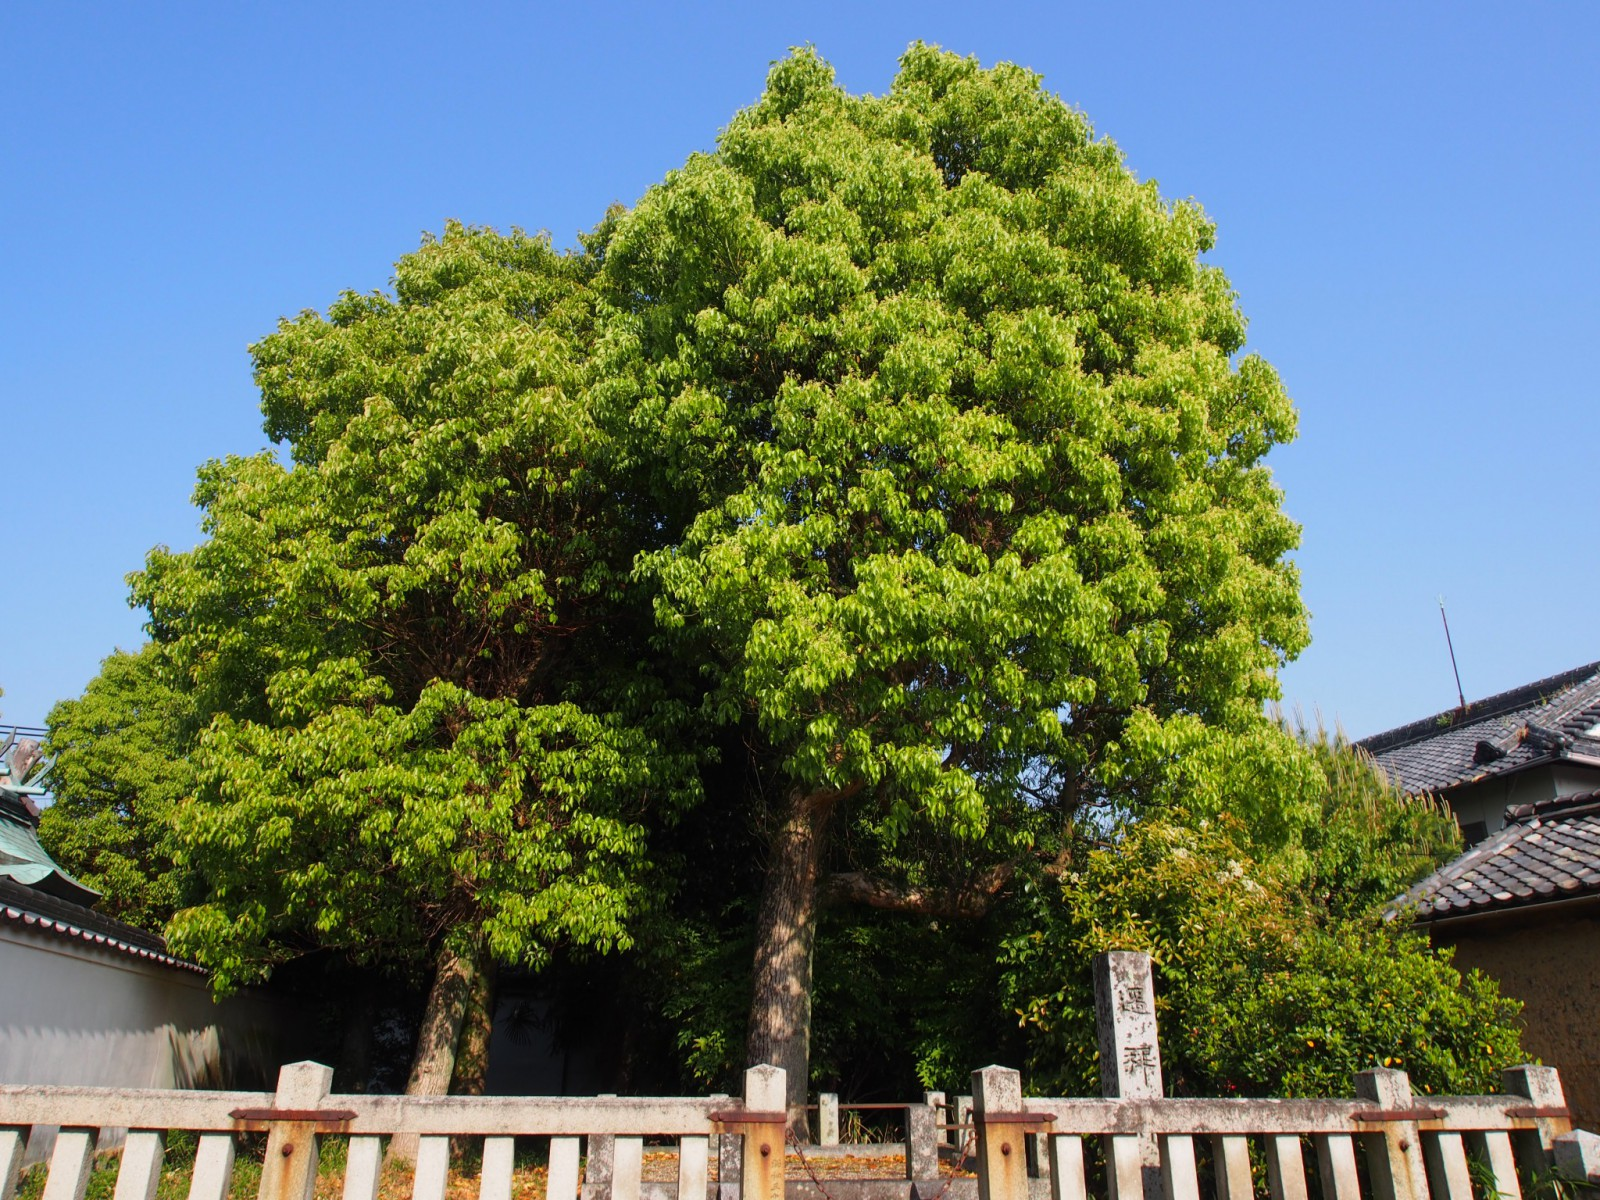 八坂神社境内の立派な樹木